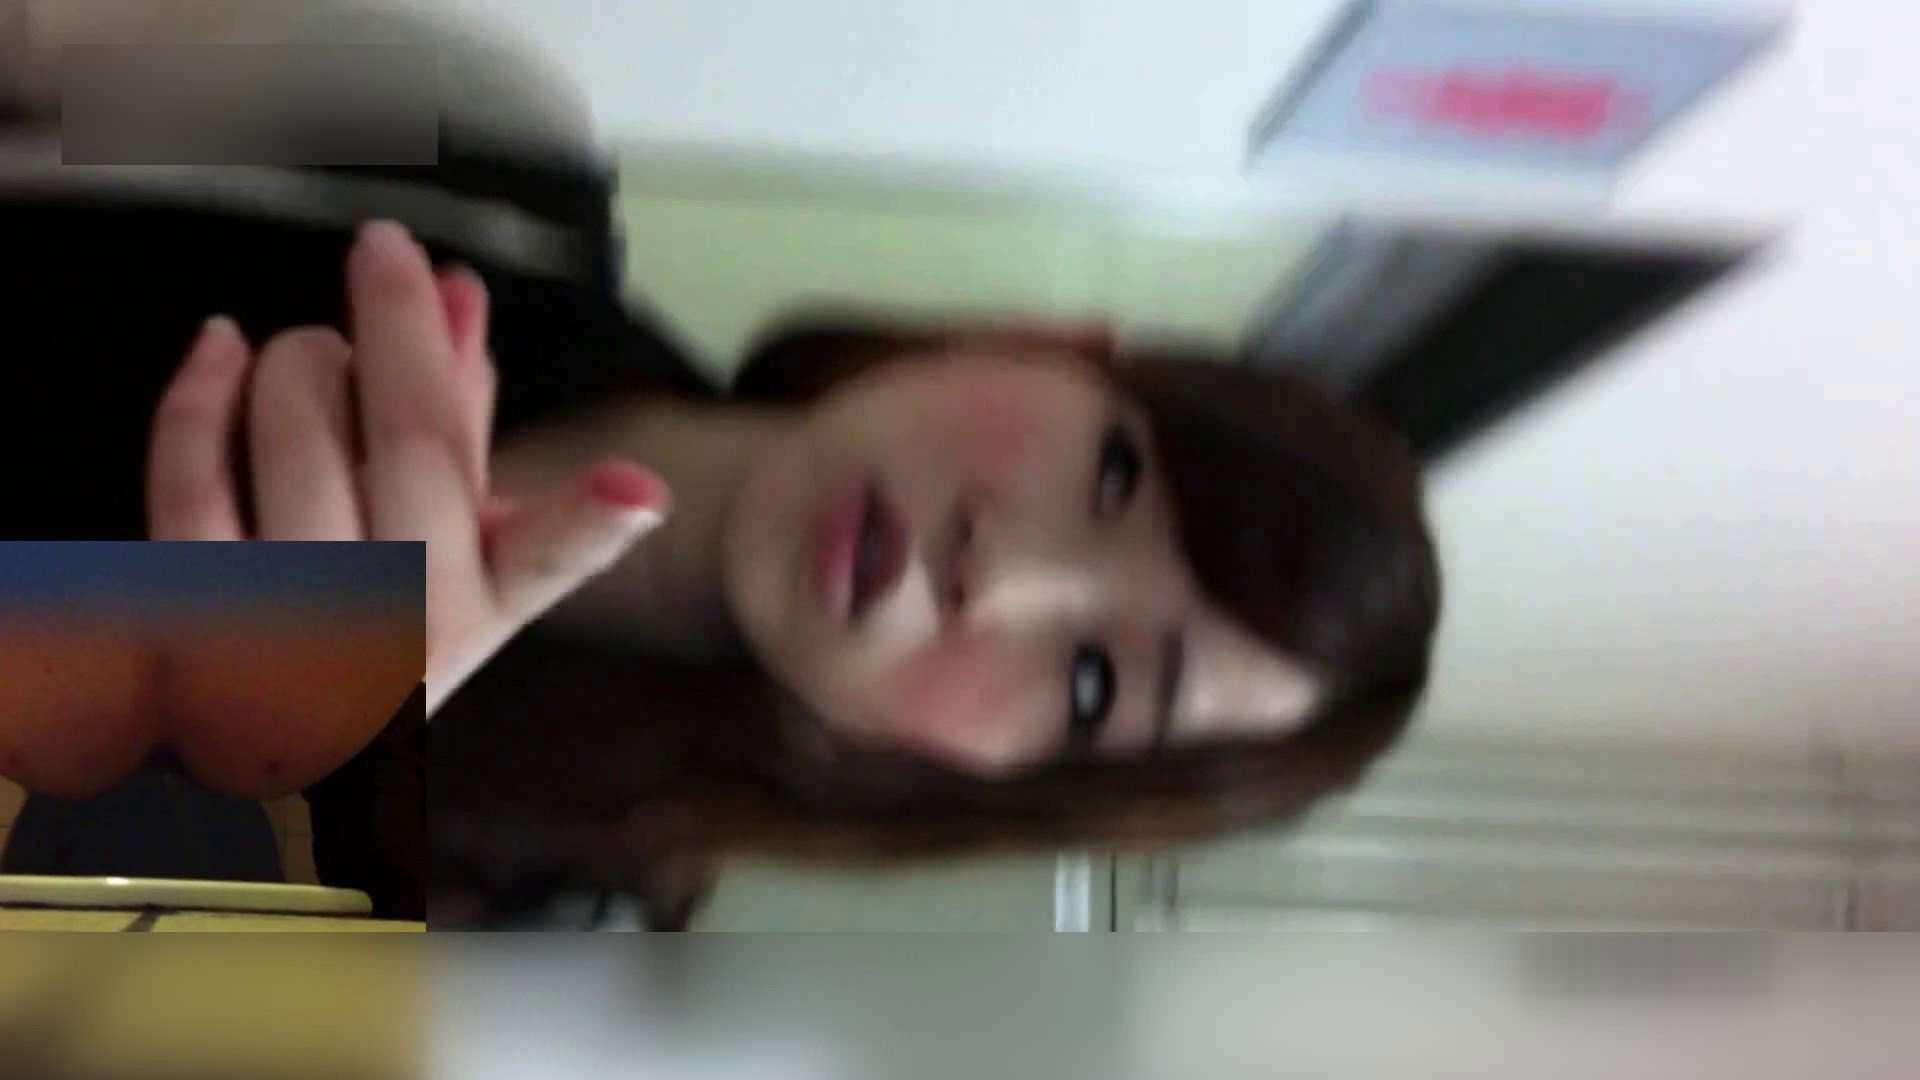 お姉さんの恥便所盗撮! Vol.24 美女エロ画像 オメコ無修正動画無料 97PICs 8